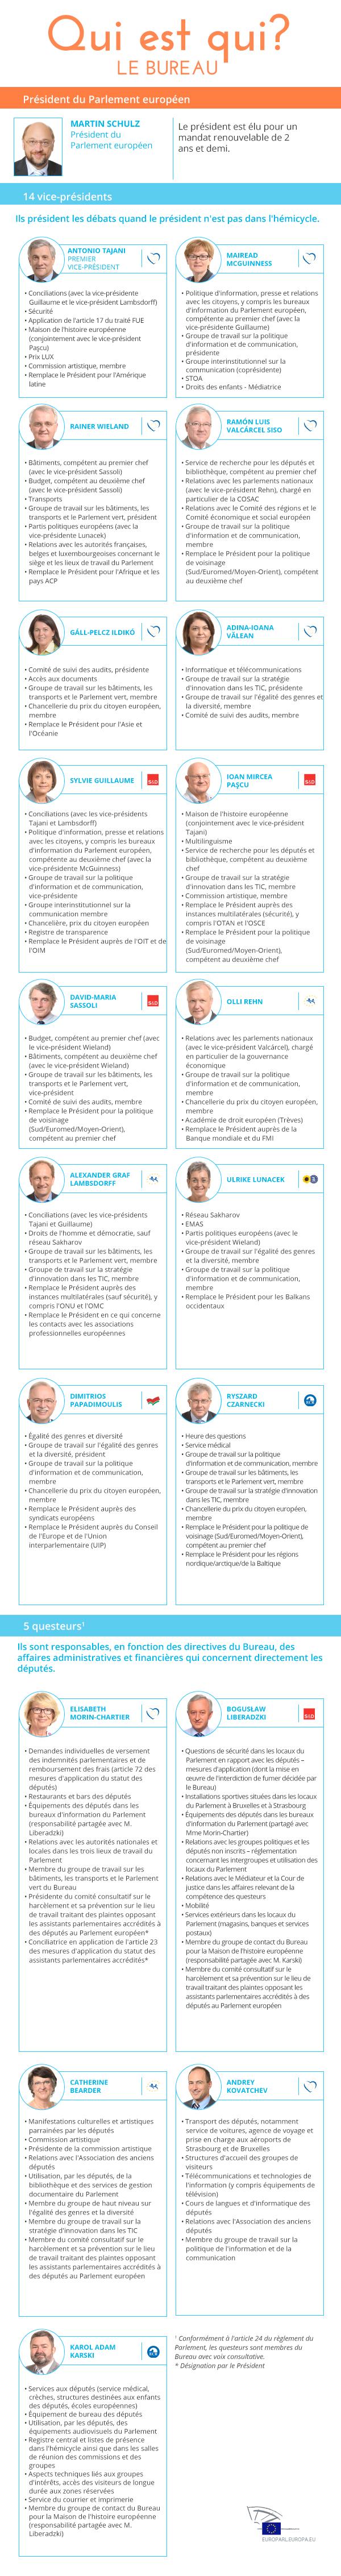 Infographie sur le Bureau du Parlement européen